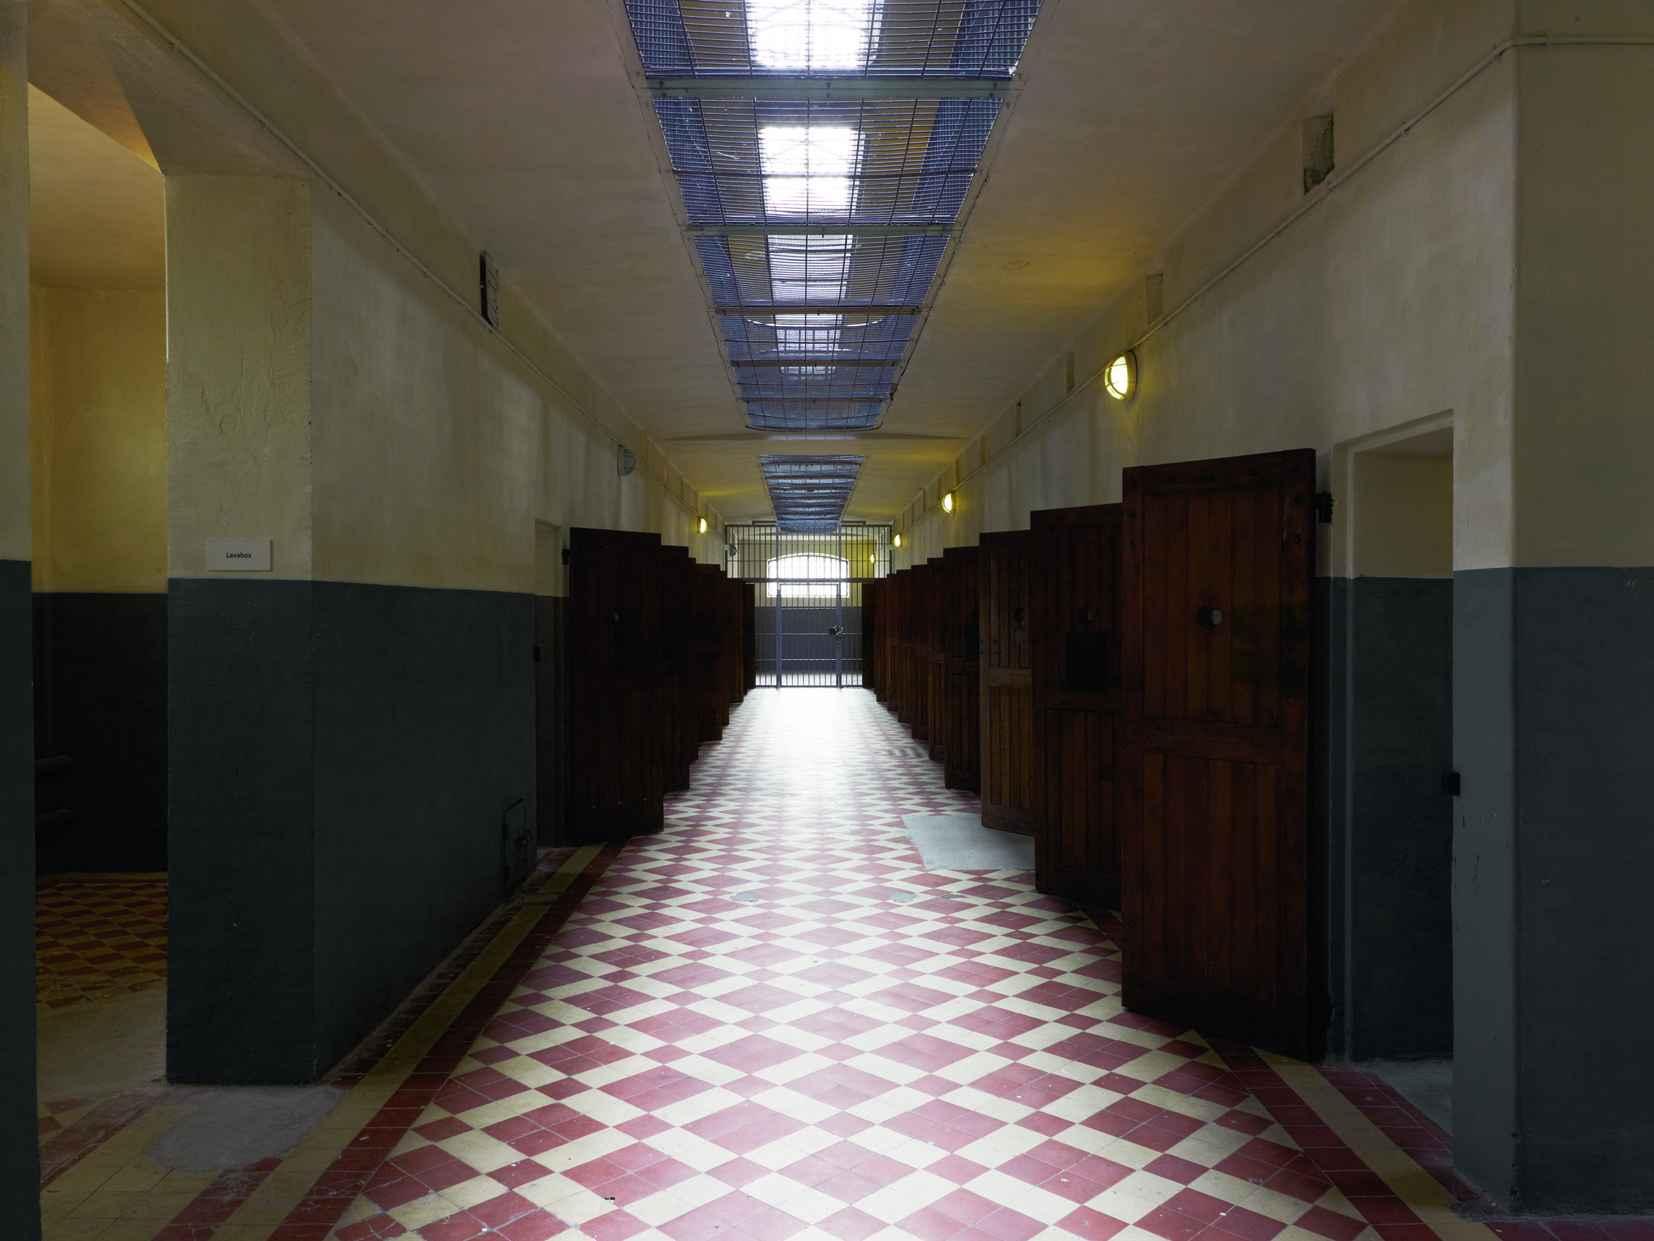 Le couloir cellulaire ® Frédéric Bellay